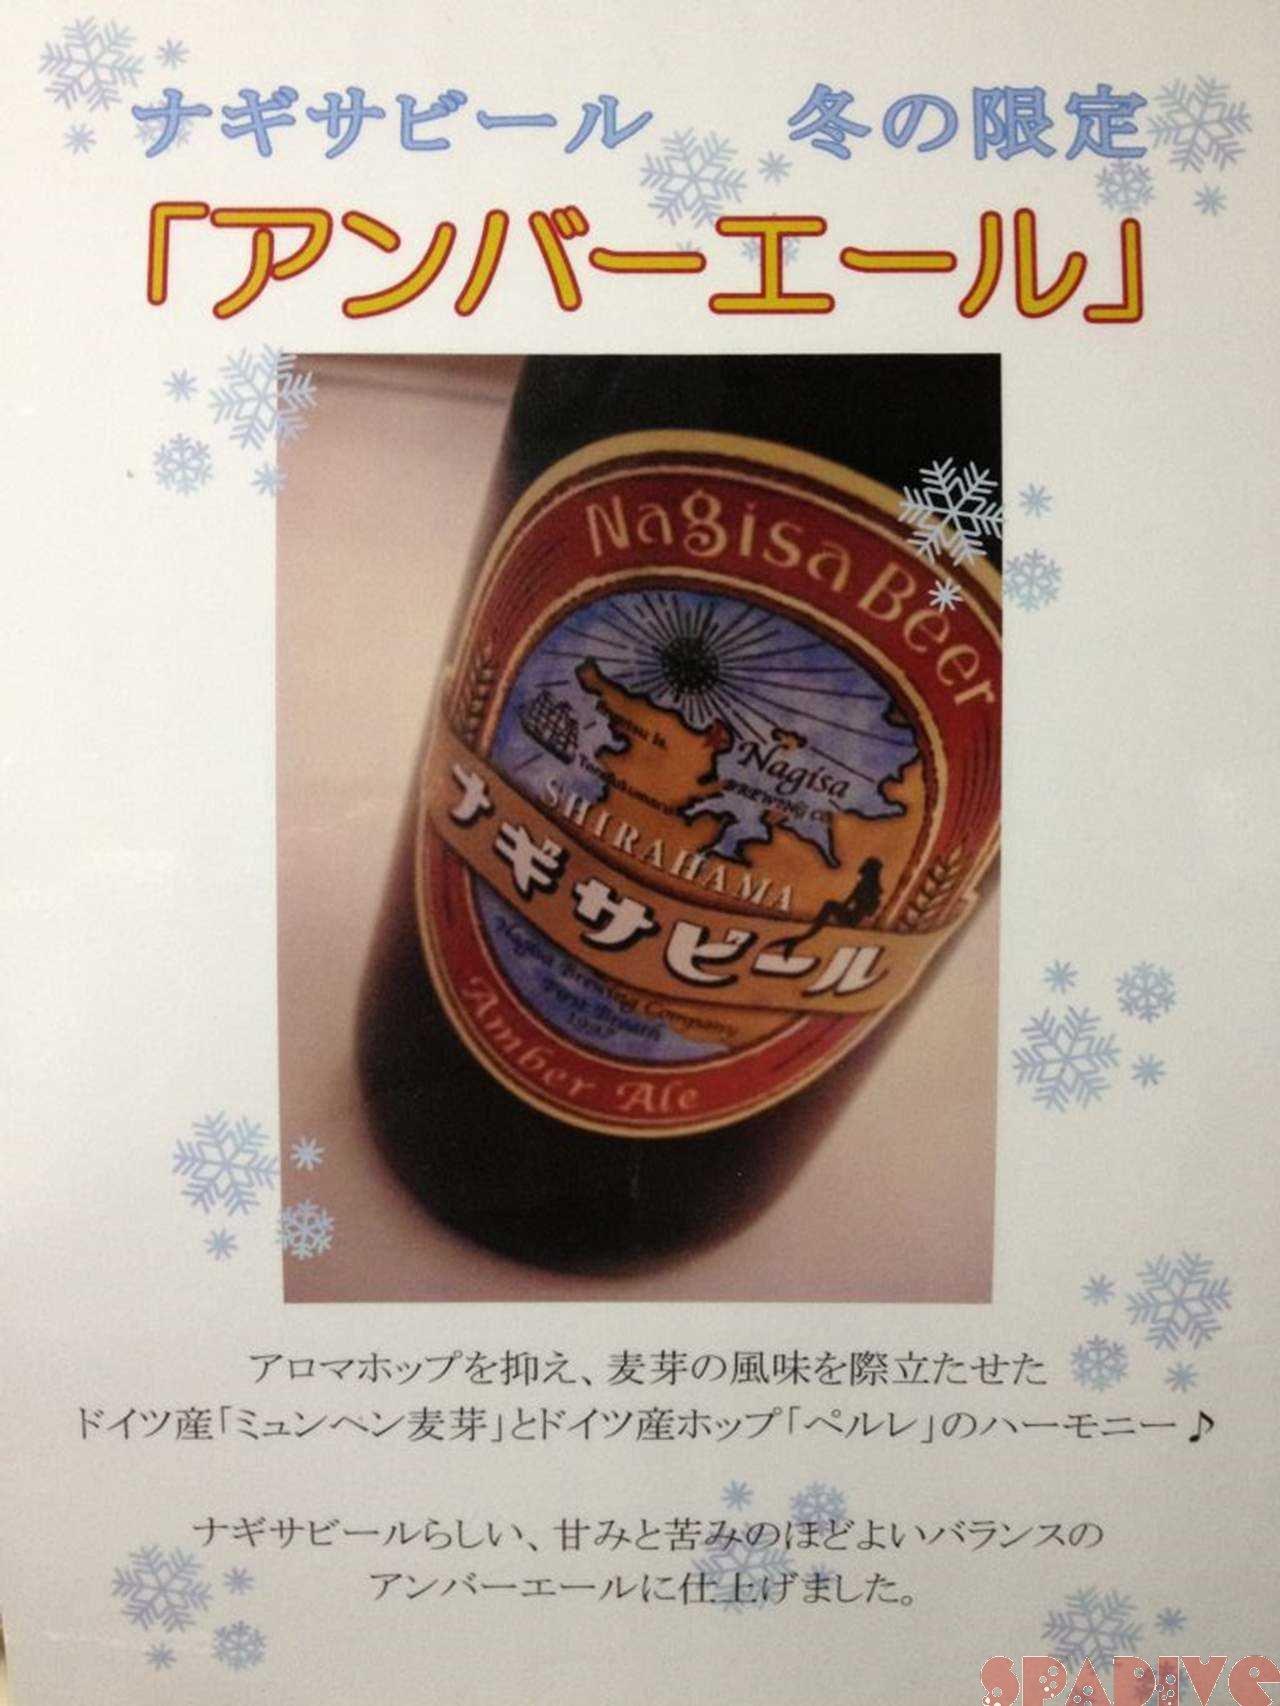 はまりすぎて困っちゃう~ナギサビール!!11/23/2012